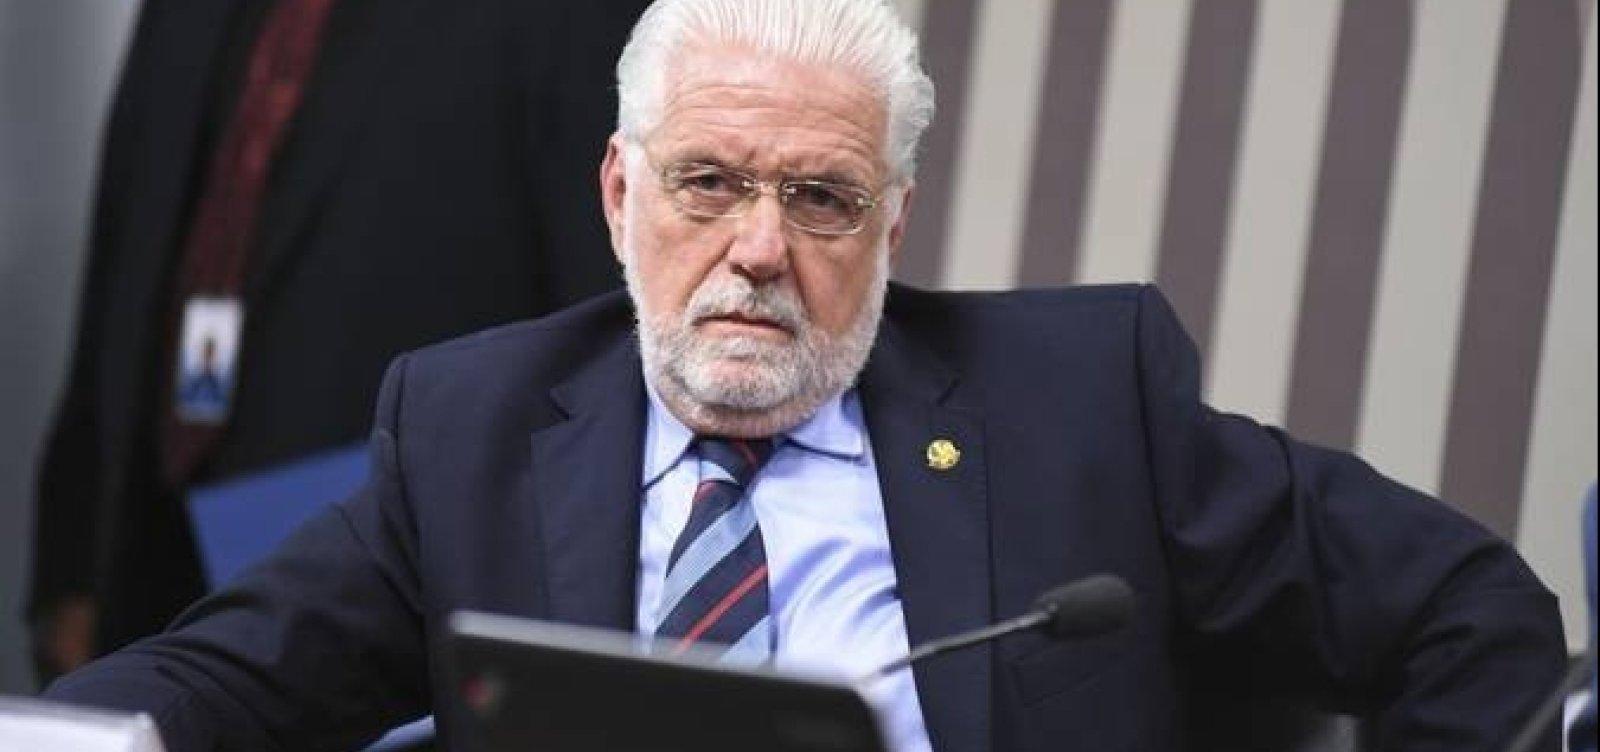 Entre senadores baiano, Wagner é único que afirma ser contra prisão em segunda instância, diz jornal